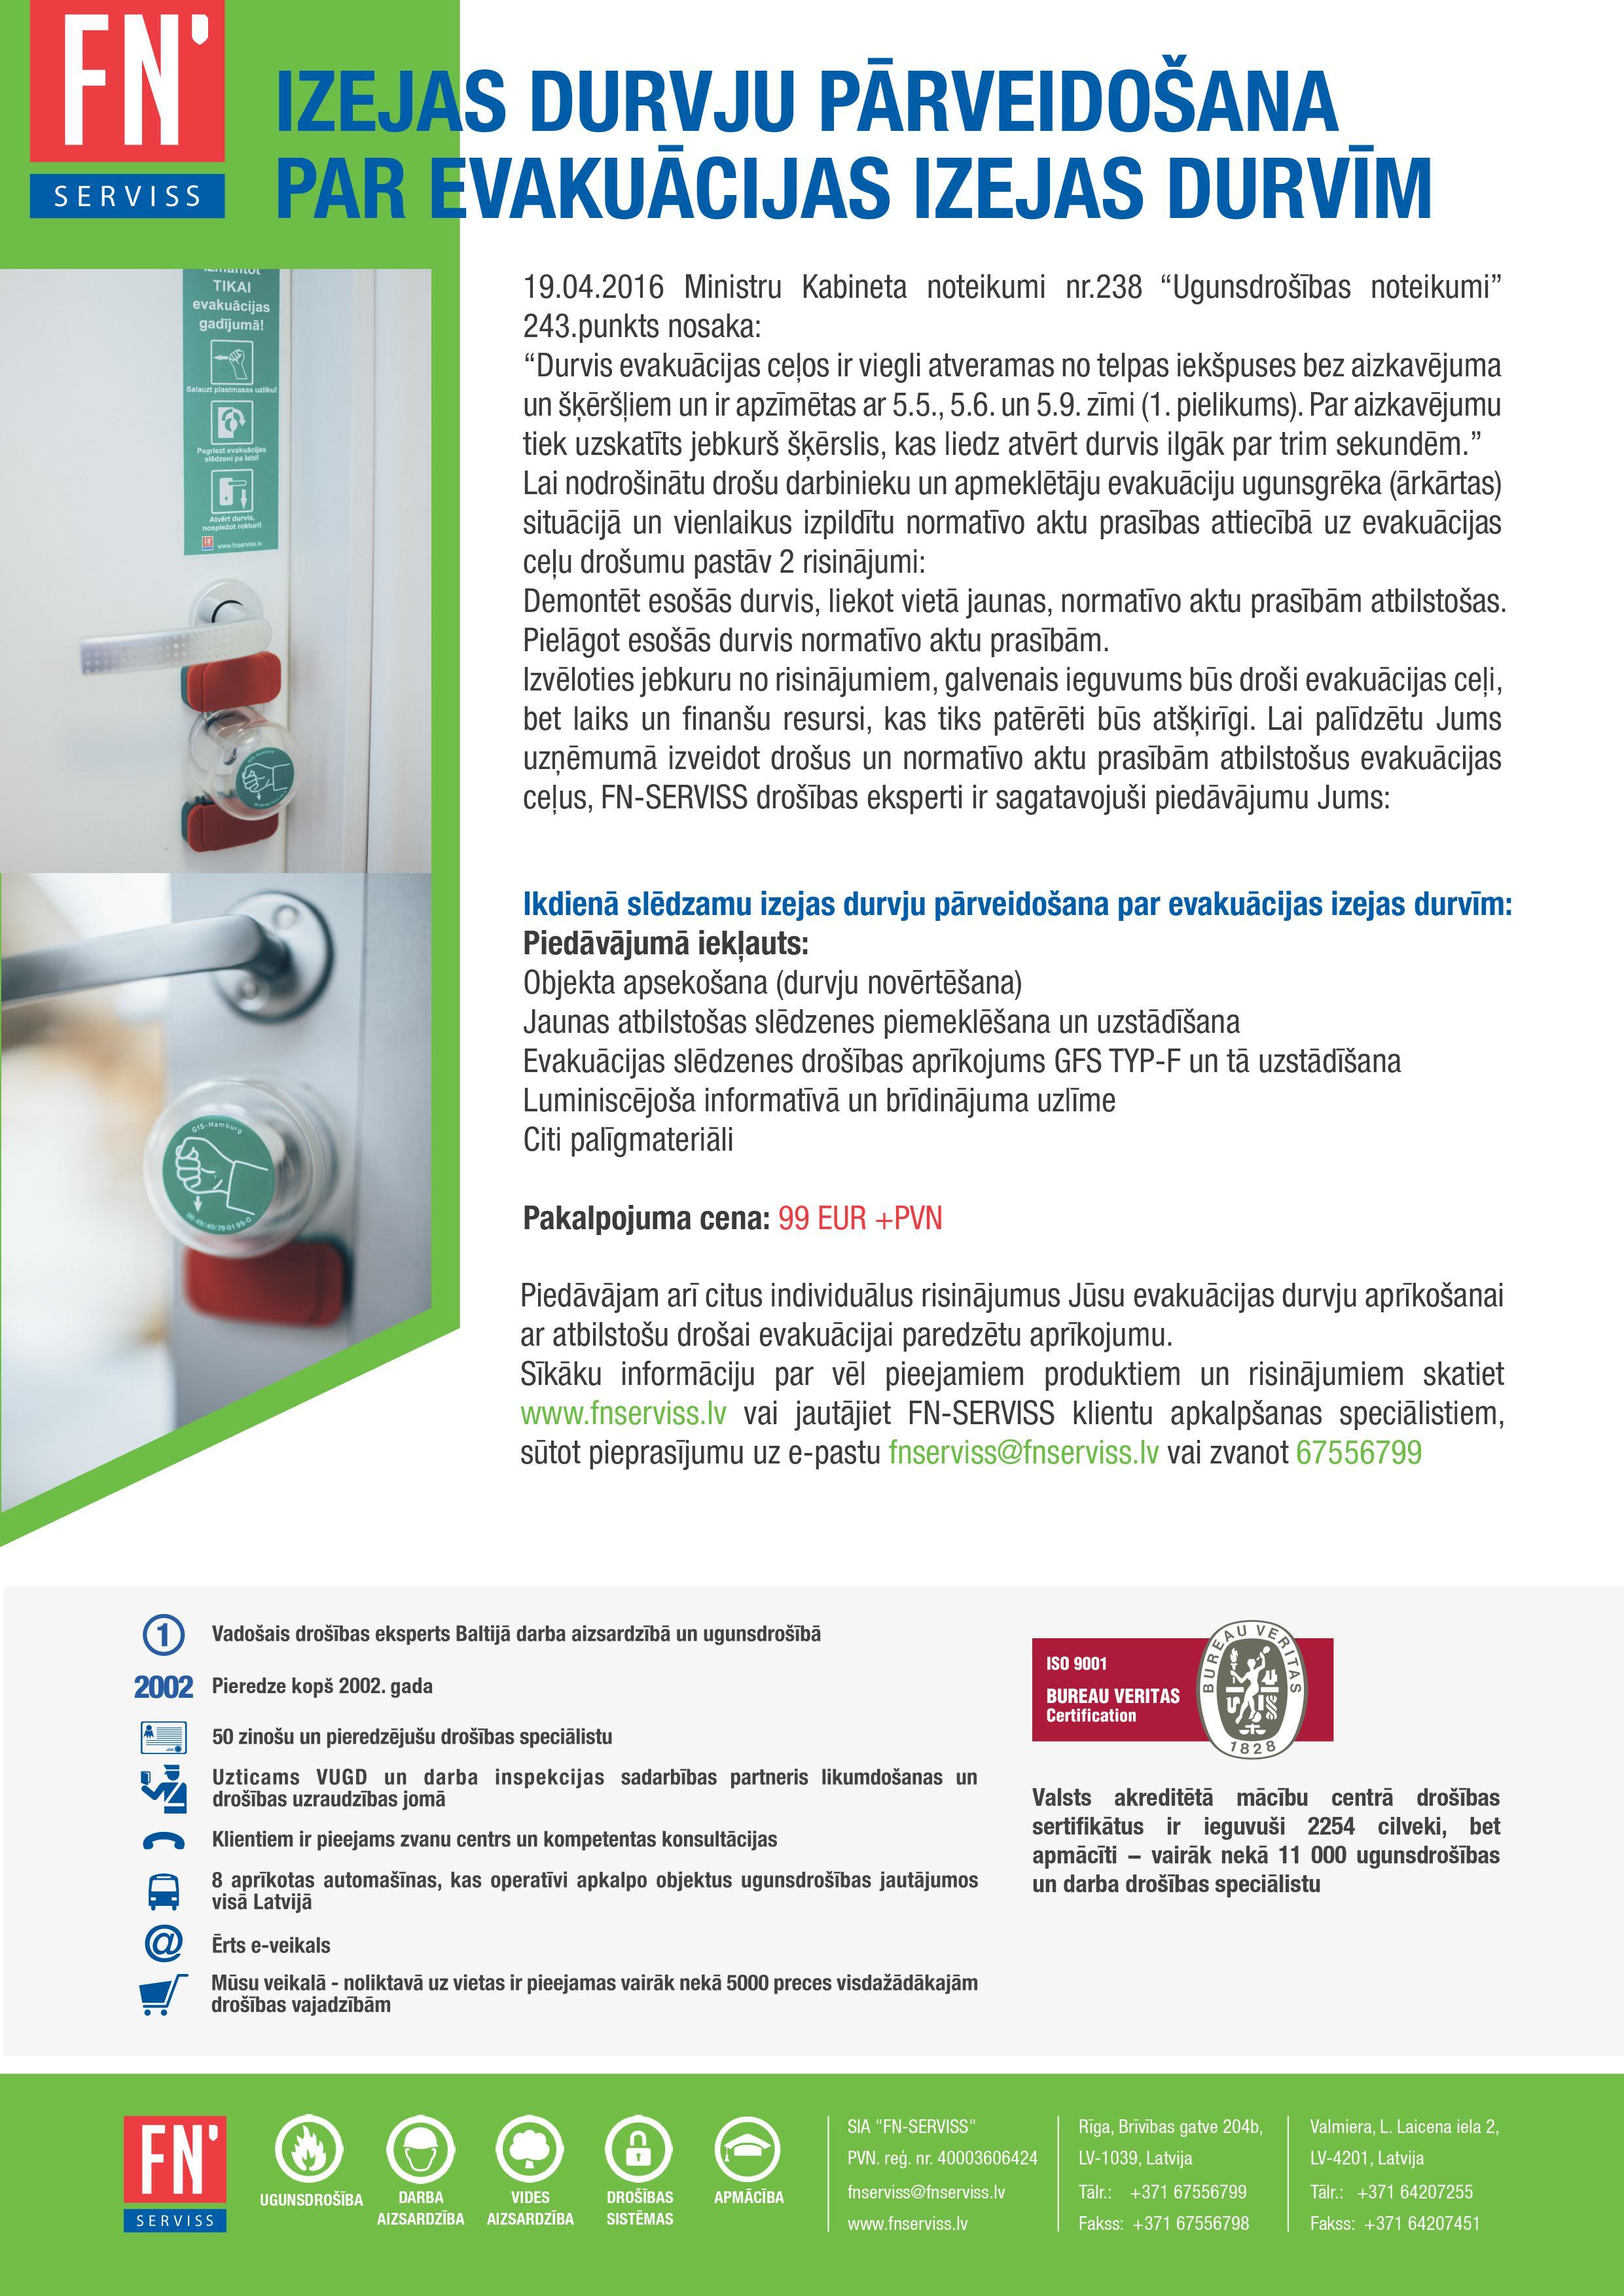 Lapa durvju pārveidošana par ekvakuācijas izeju